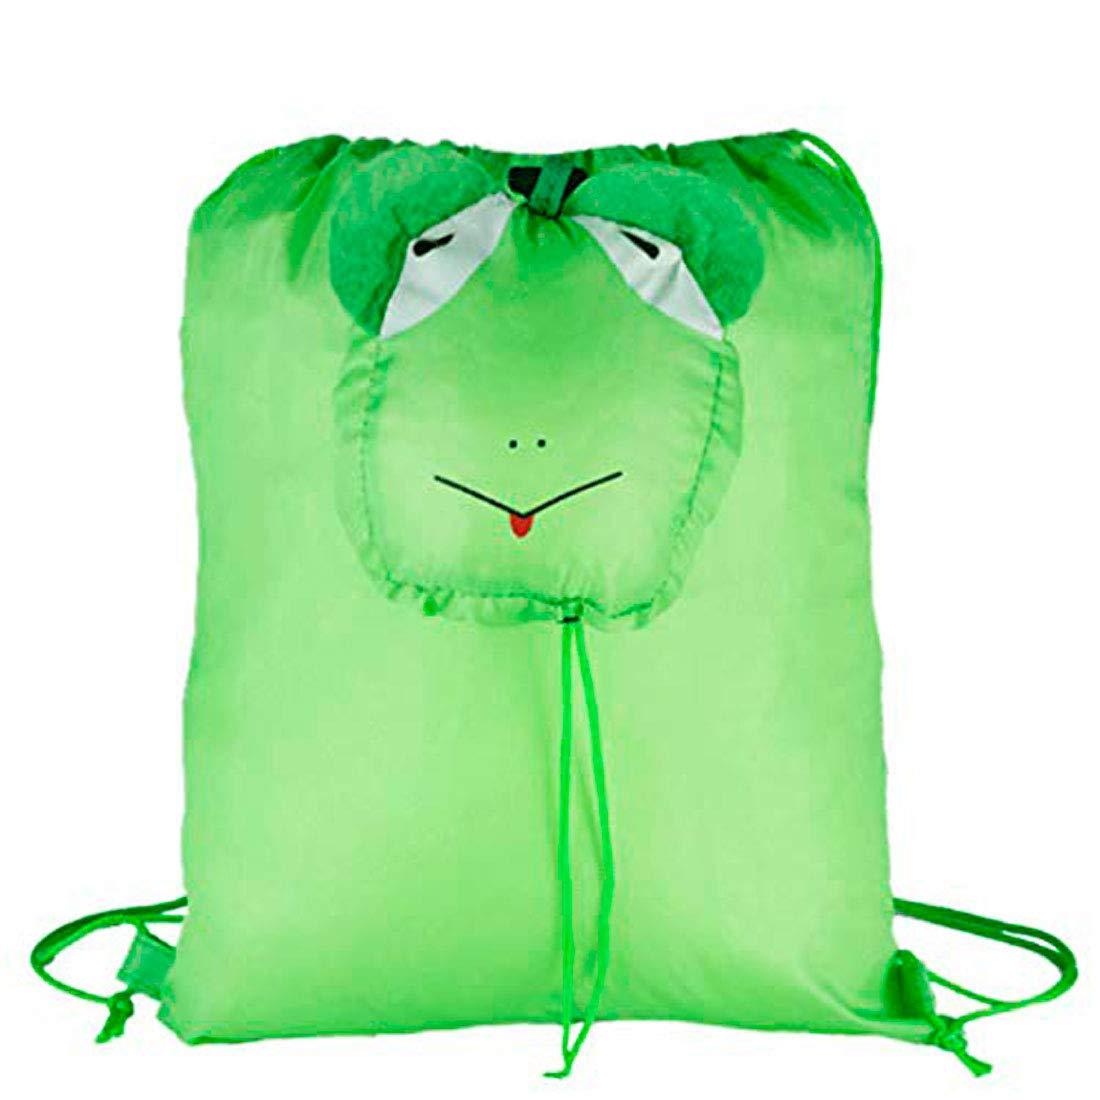 DISOK, Zainetto per bambini verde verde